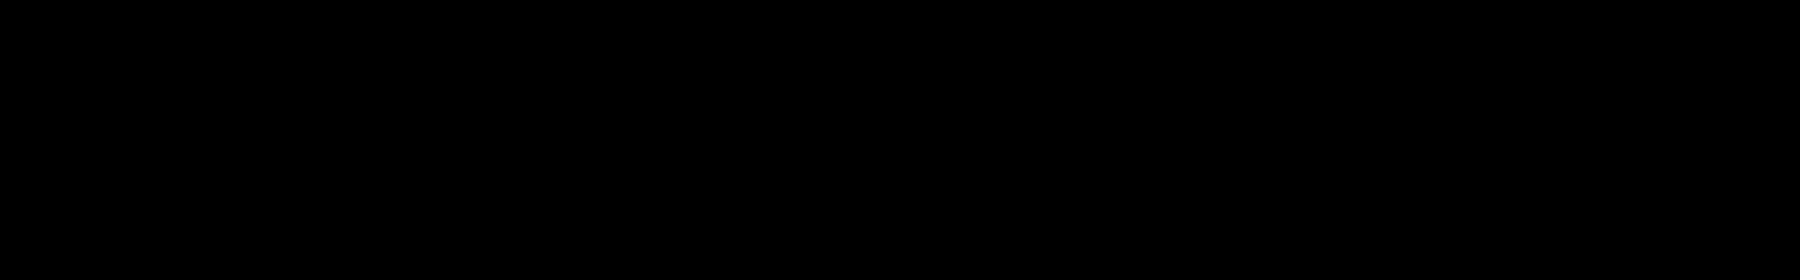 Pulsar audio waveform